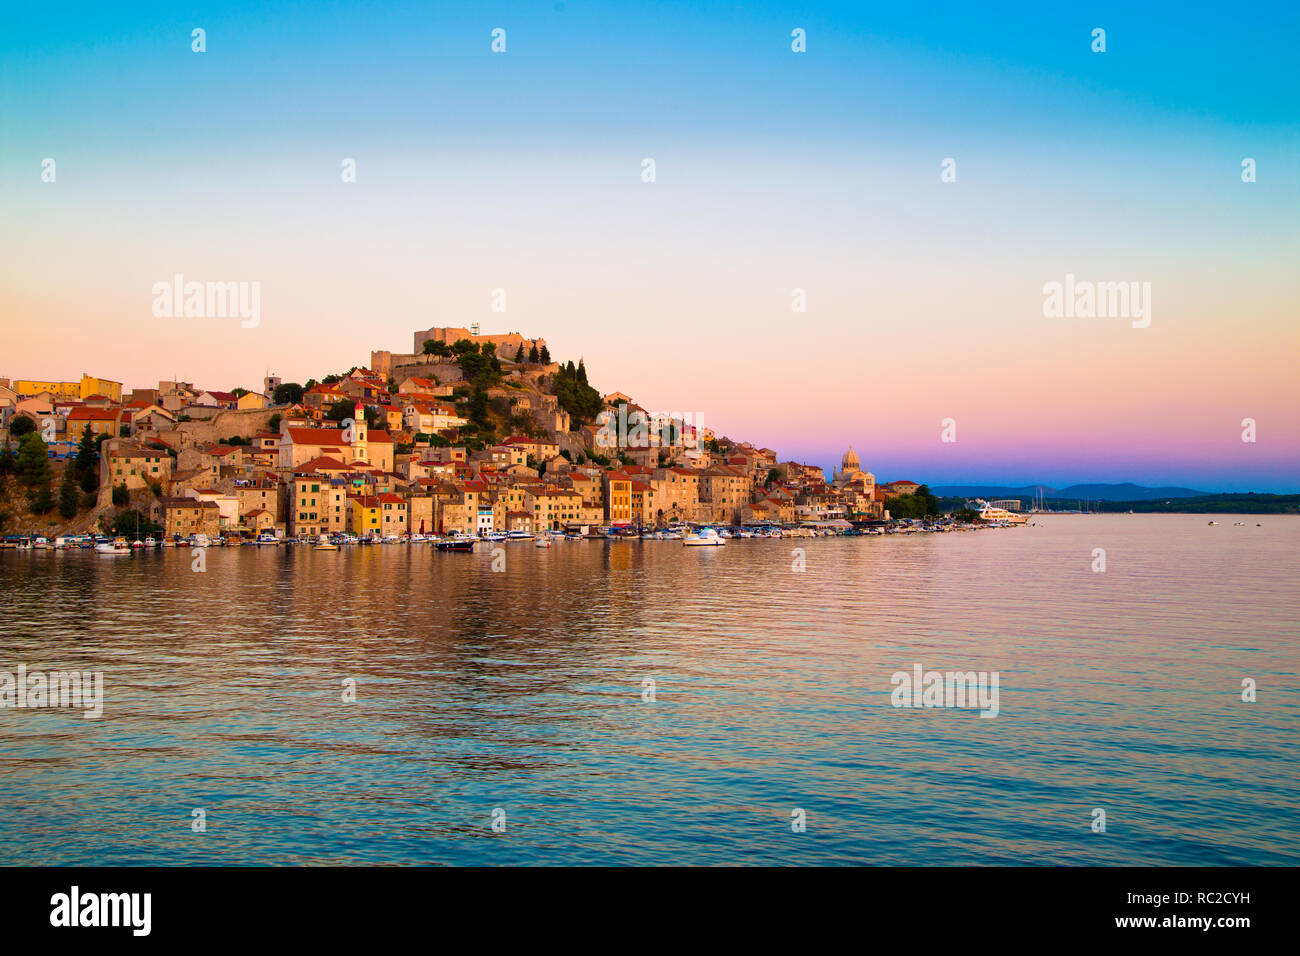 Historische Gebäude und kleine Boote im Hafen von Sibenik, Kroatien Stockbild